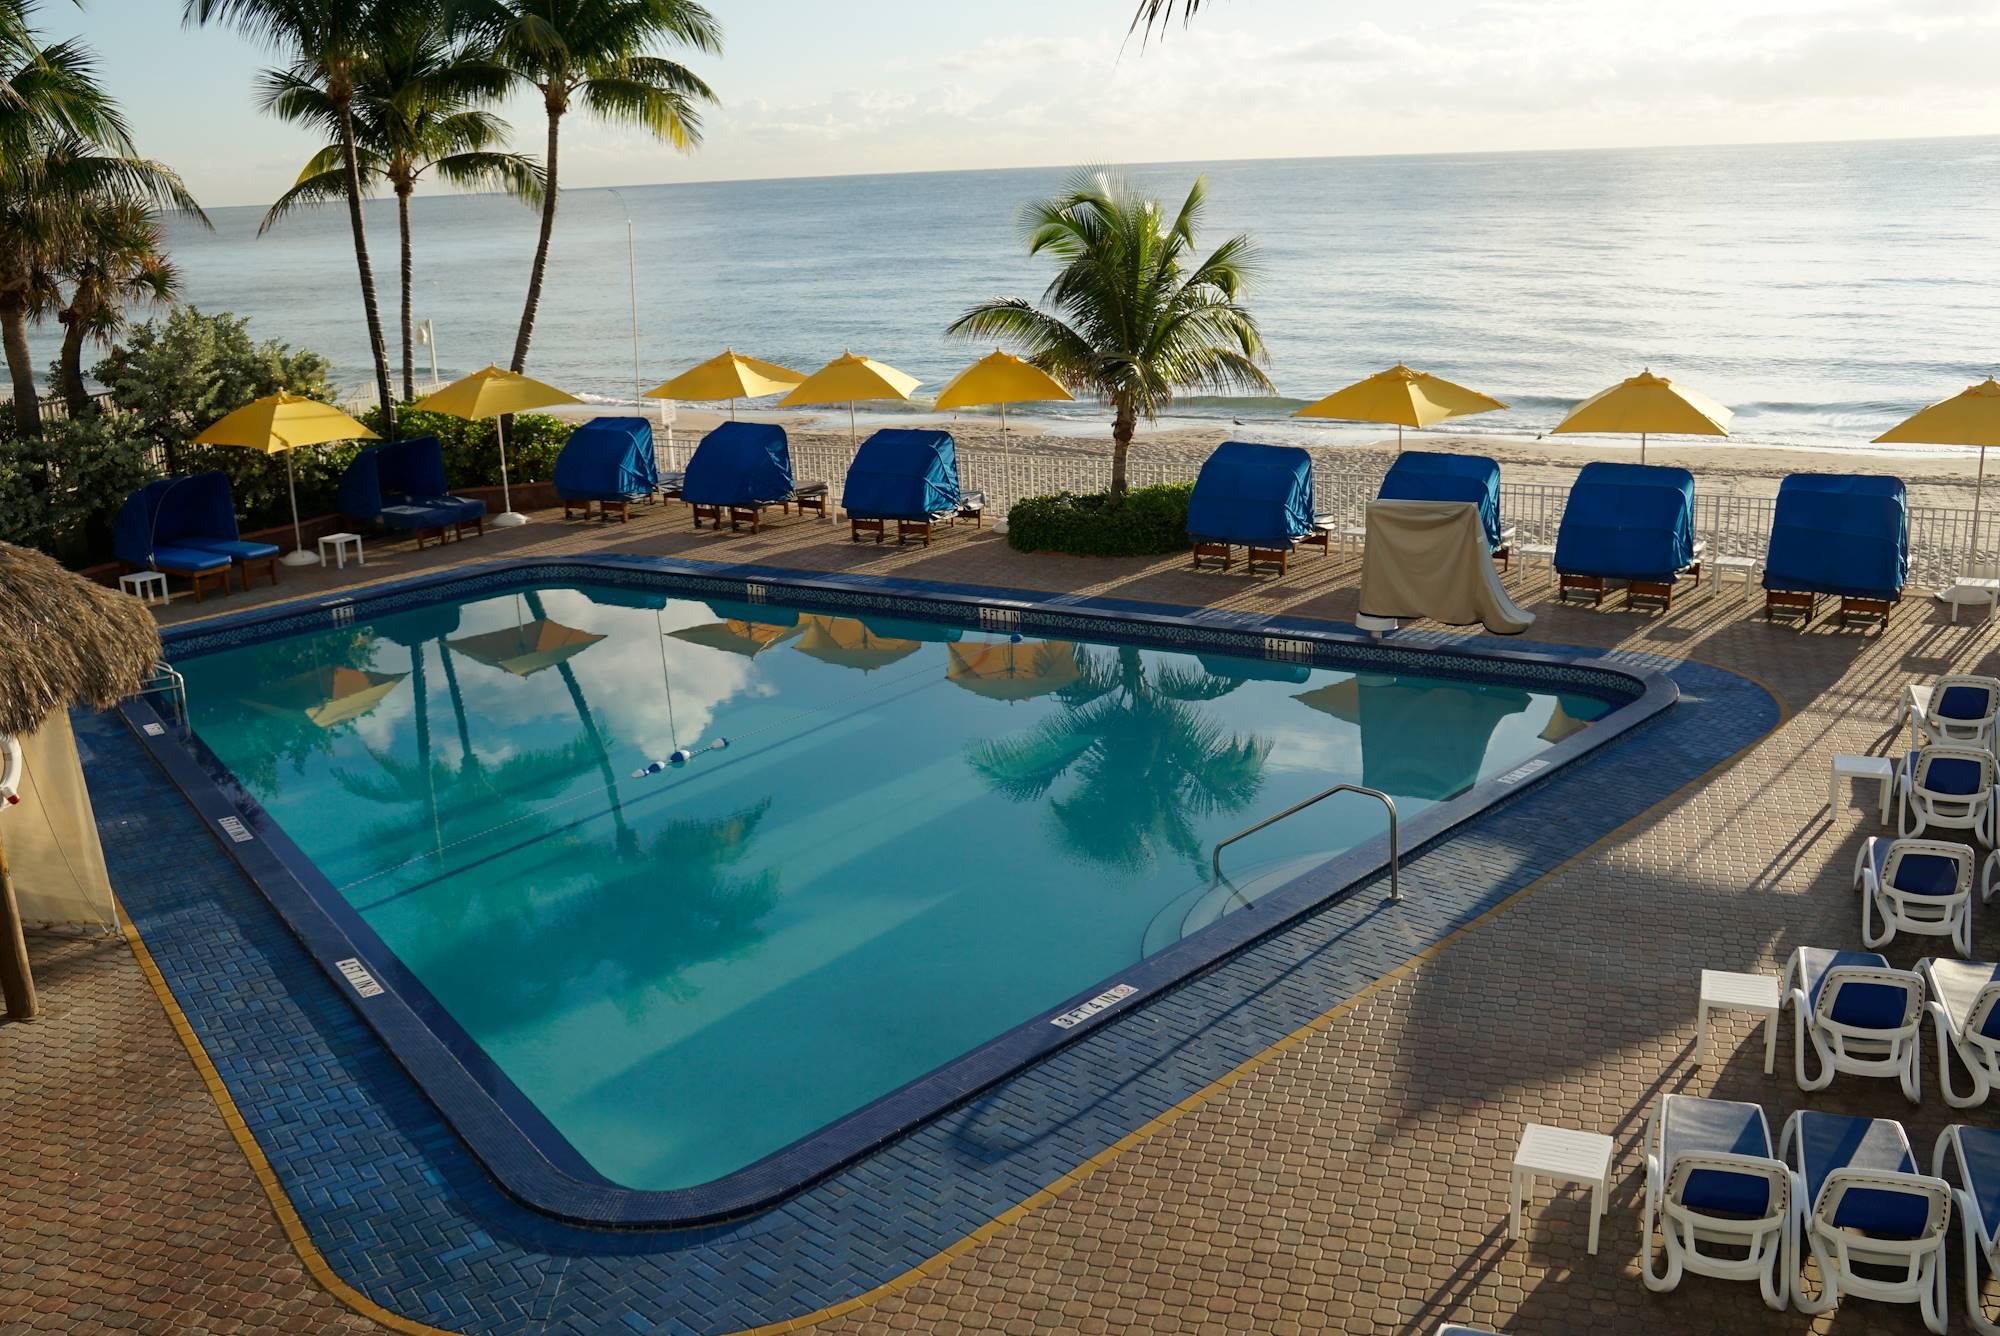 Ocean Sky Hotel-Pool Deck